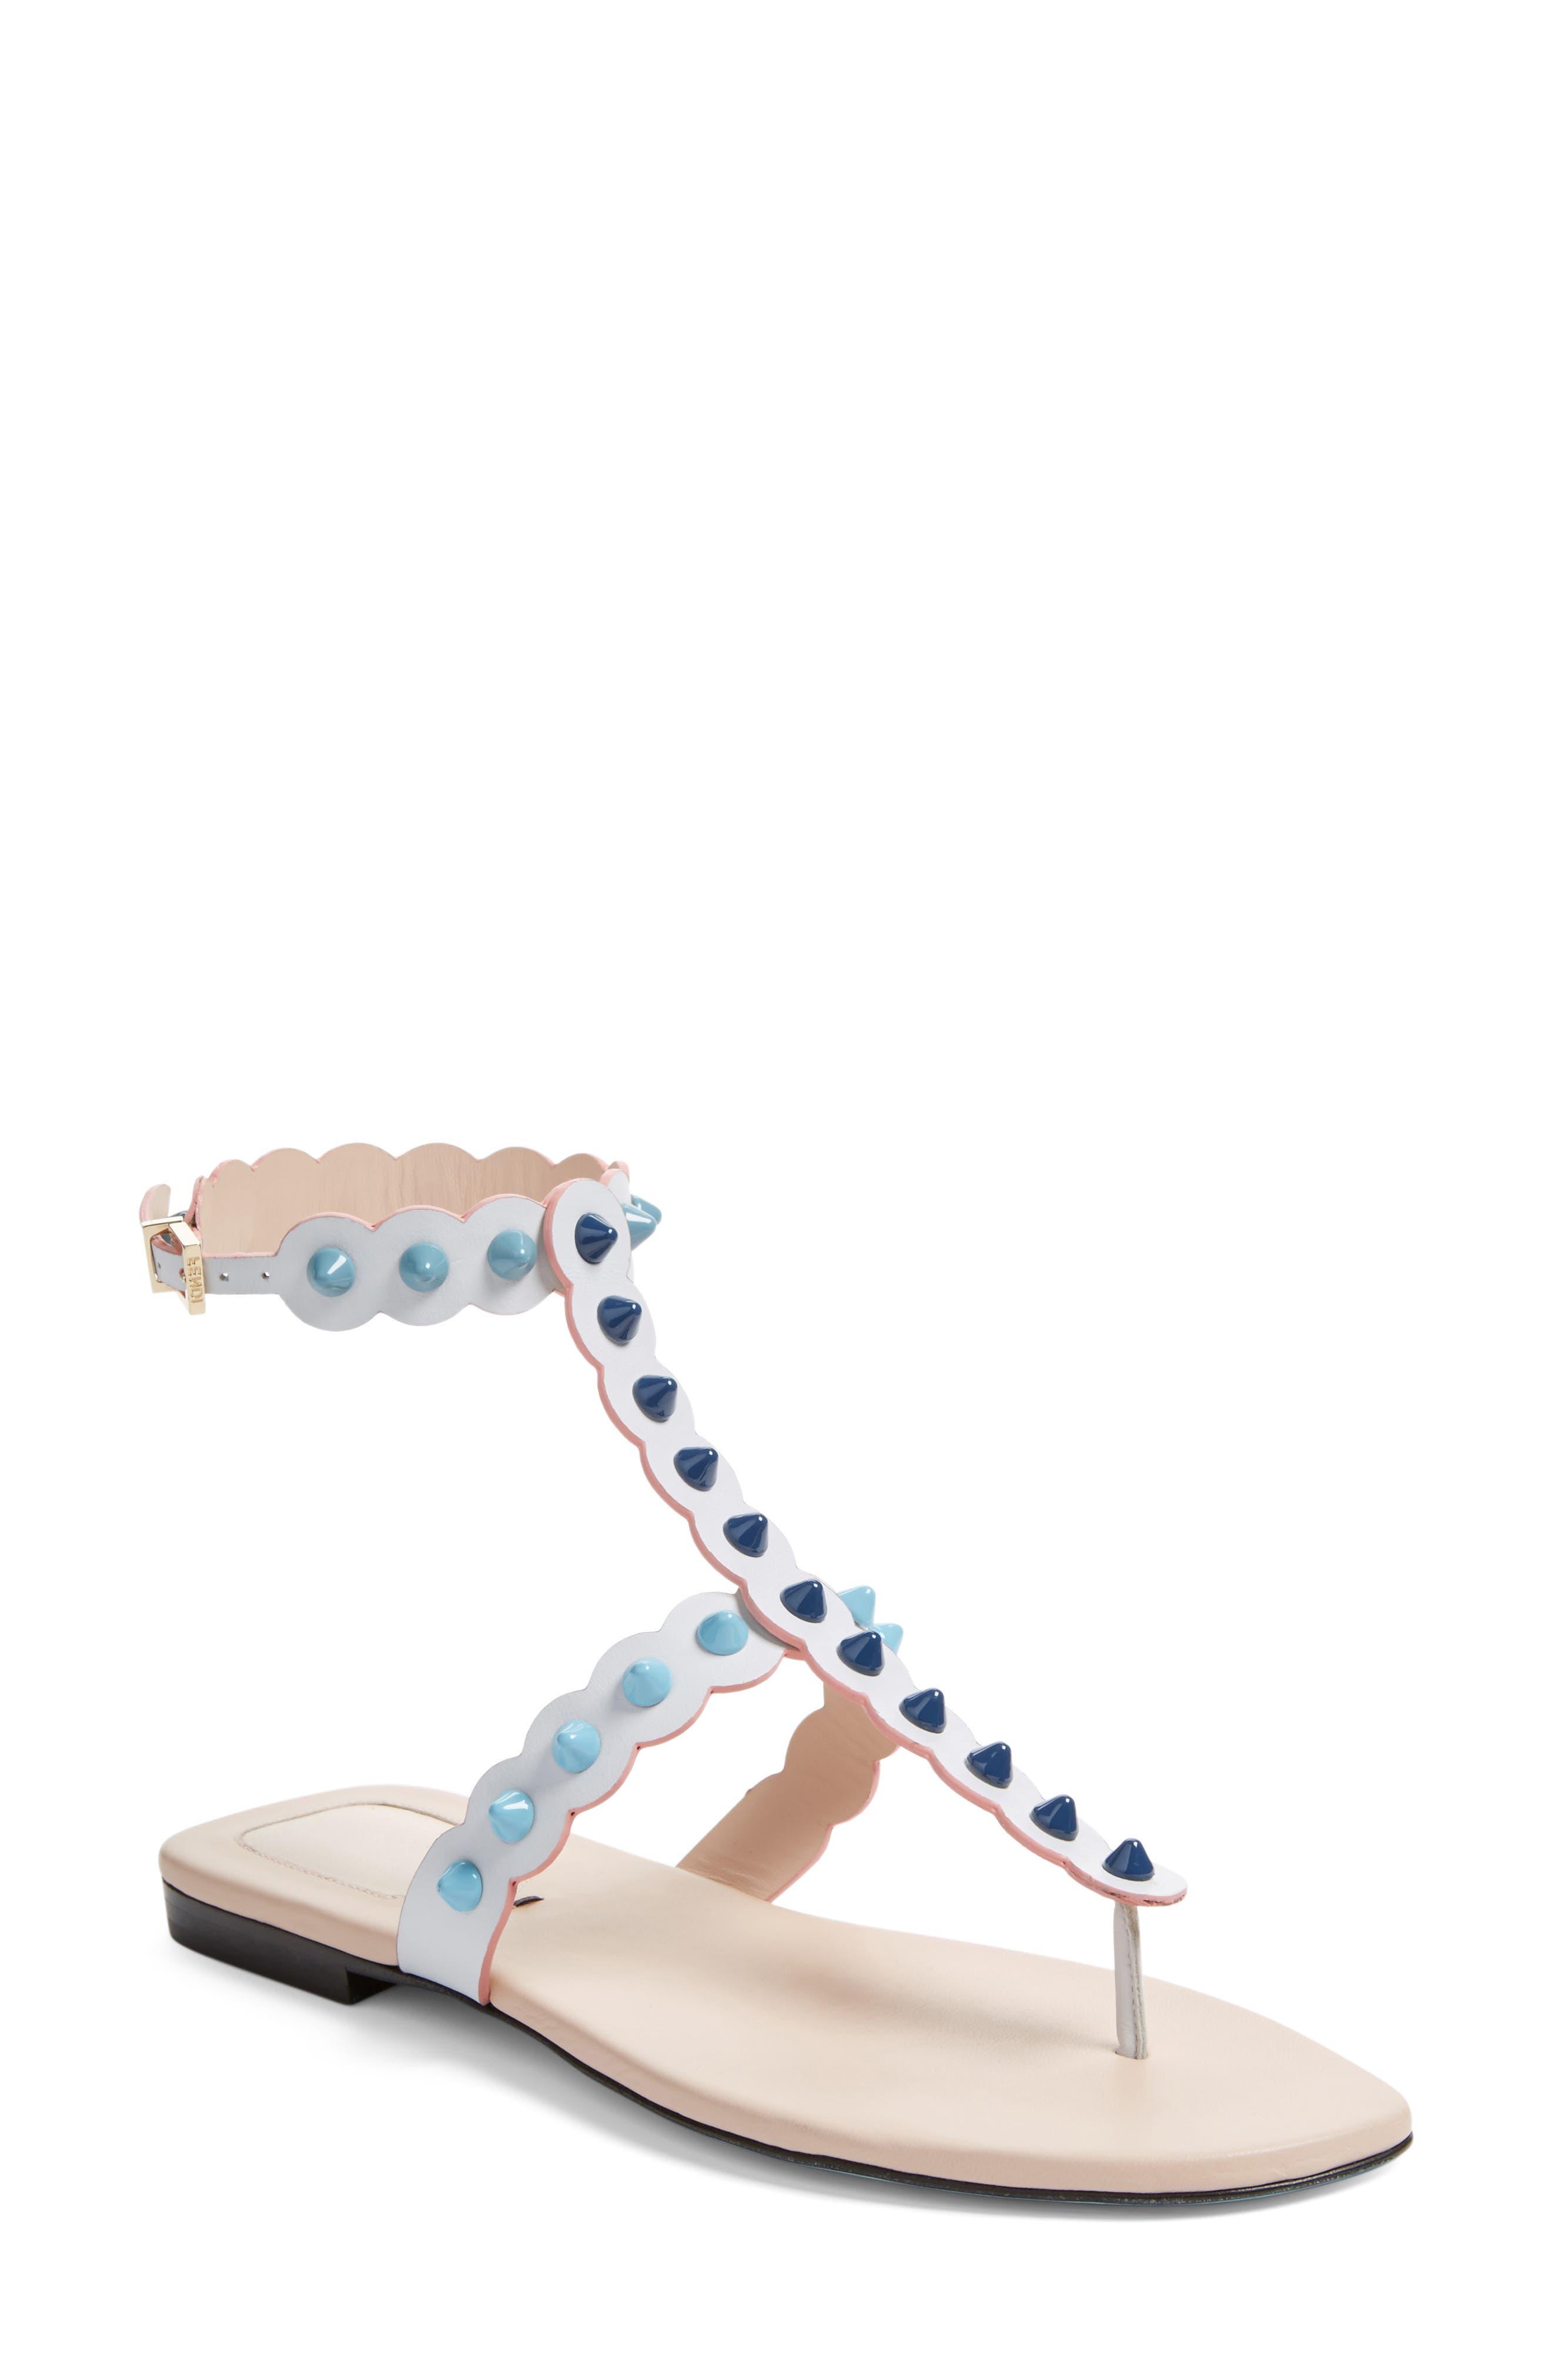 Alternate Image 1 Selected - Fendi Studded Gladiator Sandal (Women)